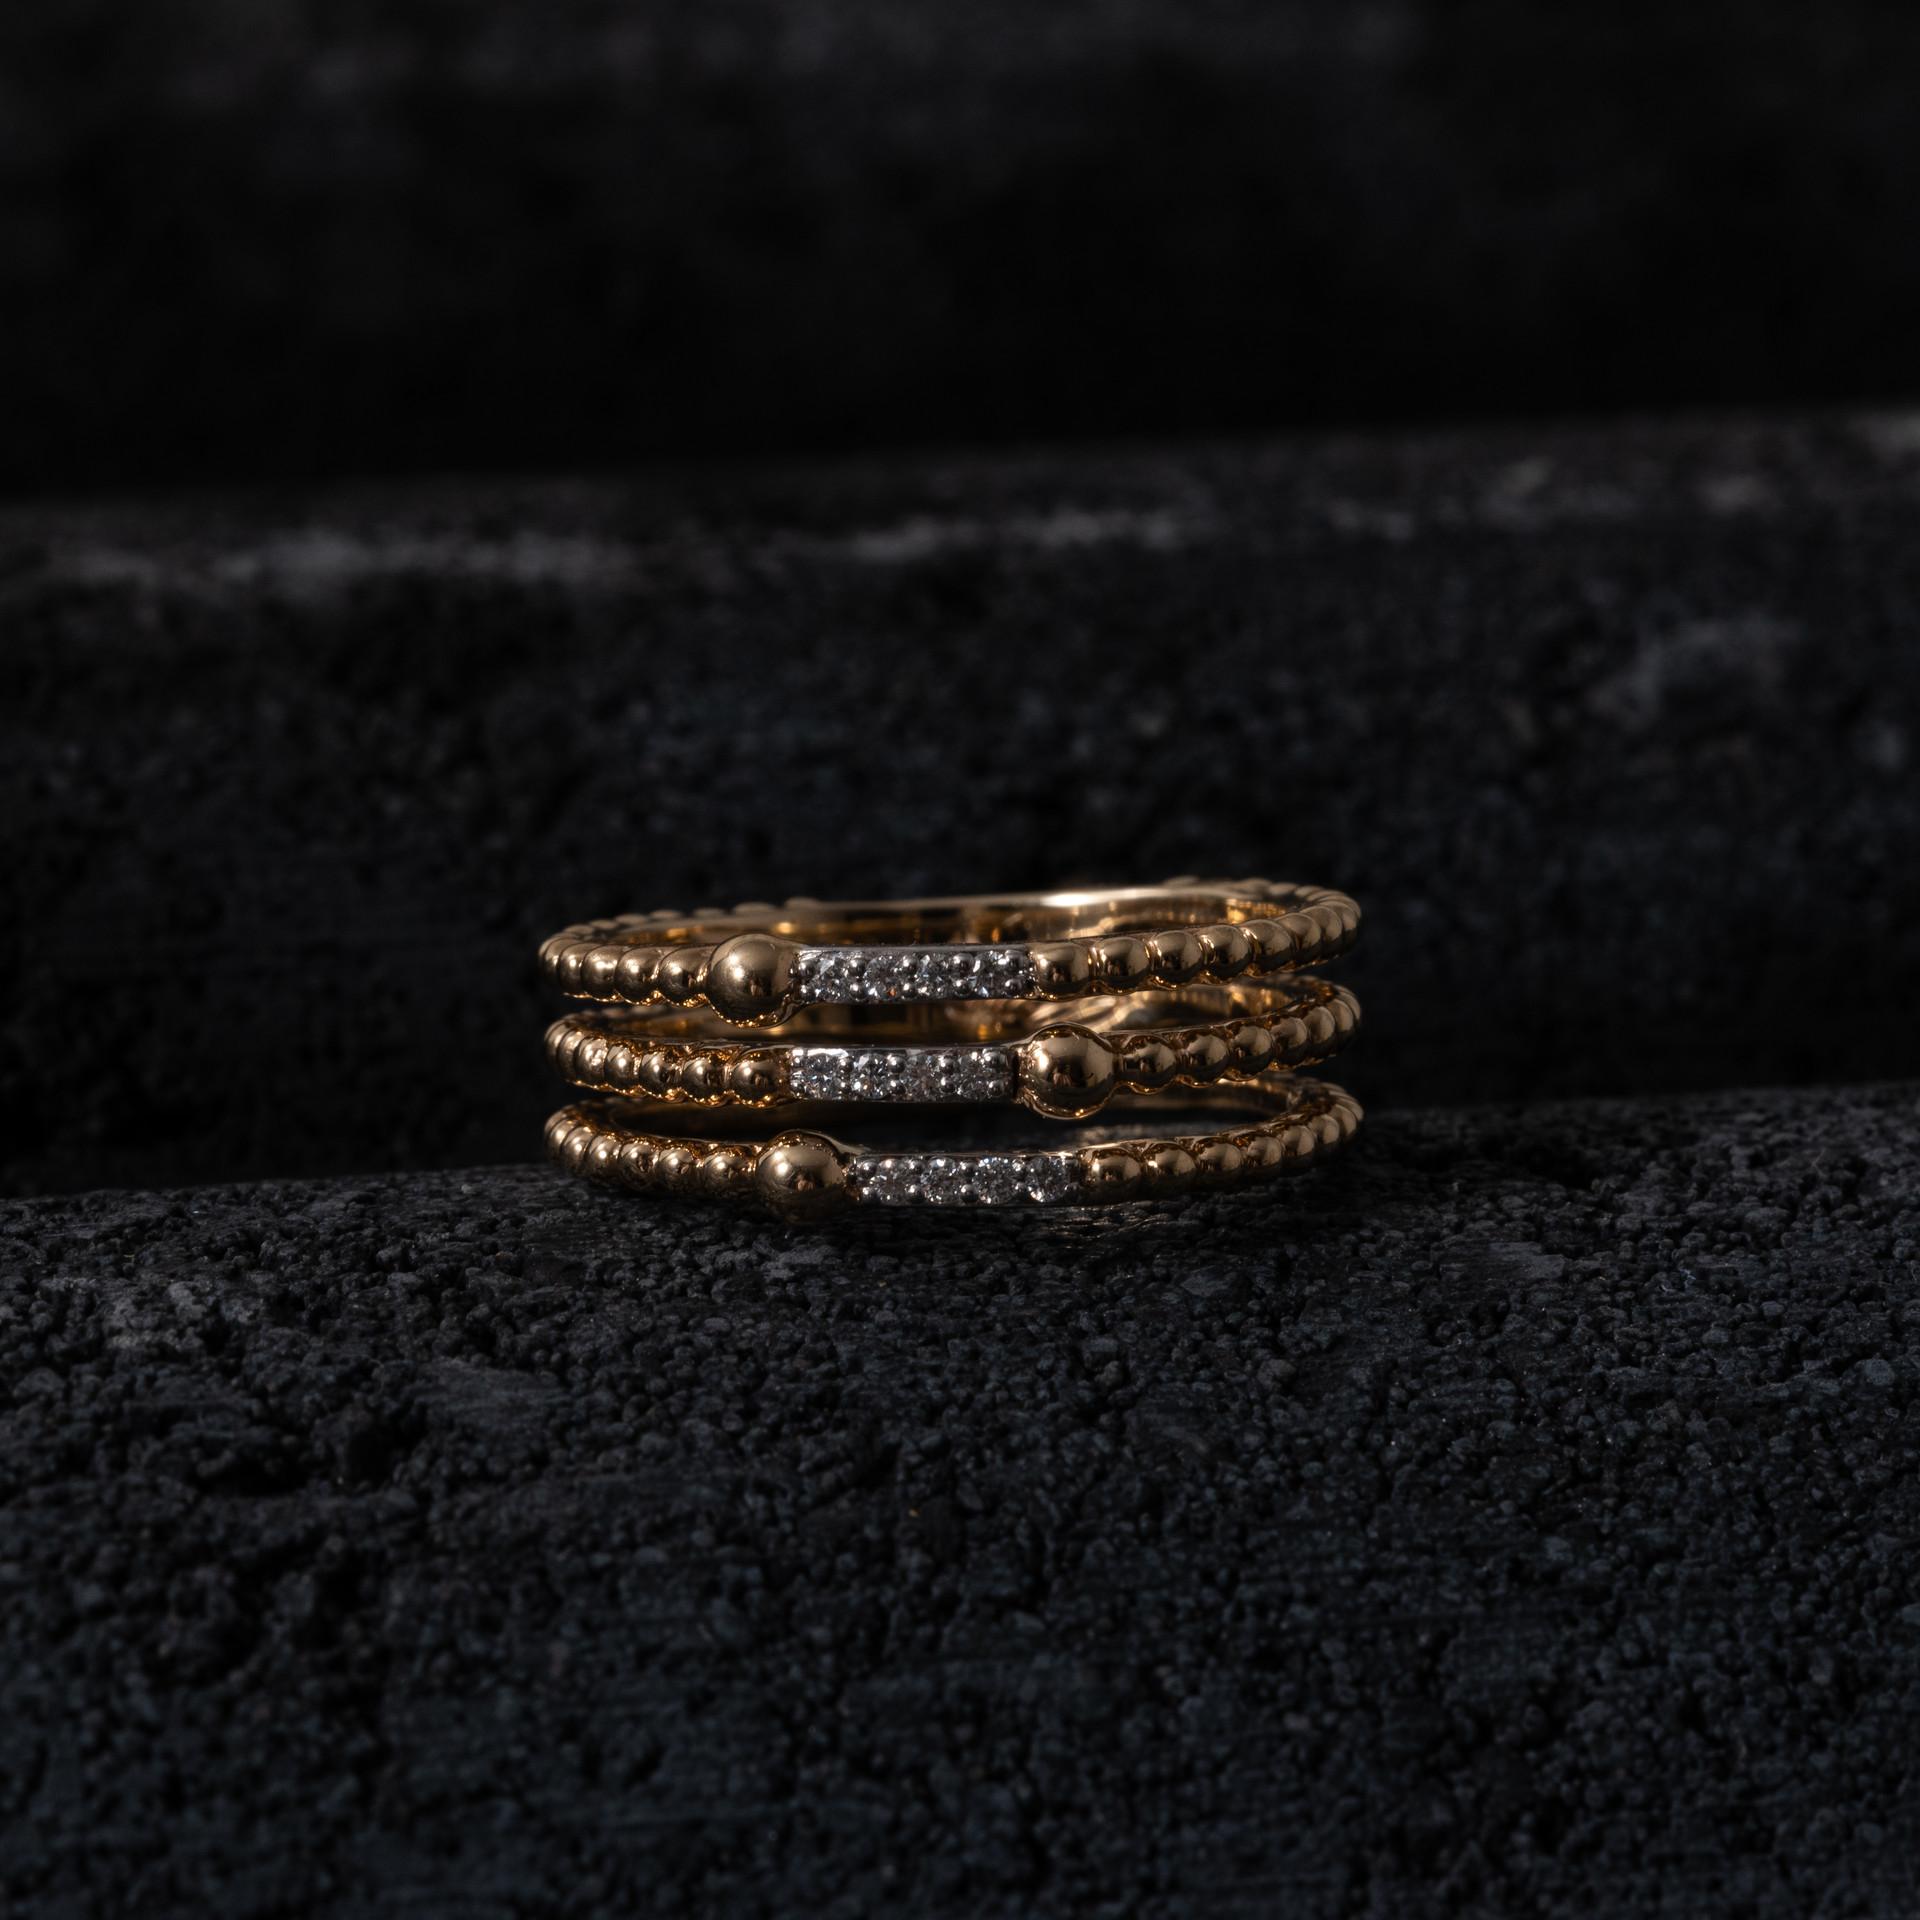 Juwelier_Stadler-9522.jpg